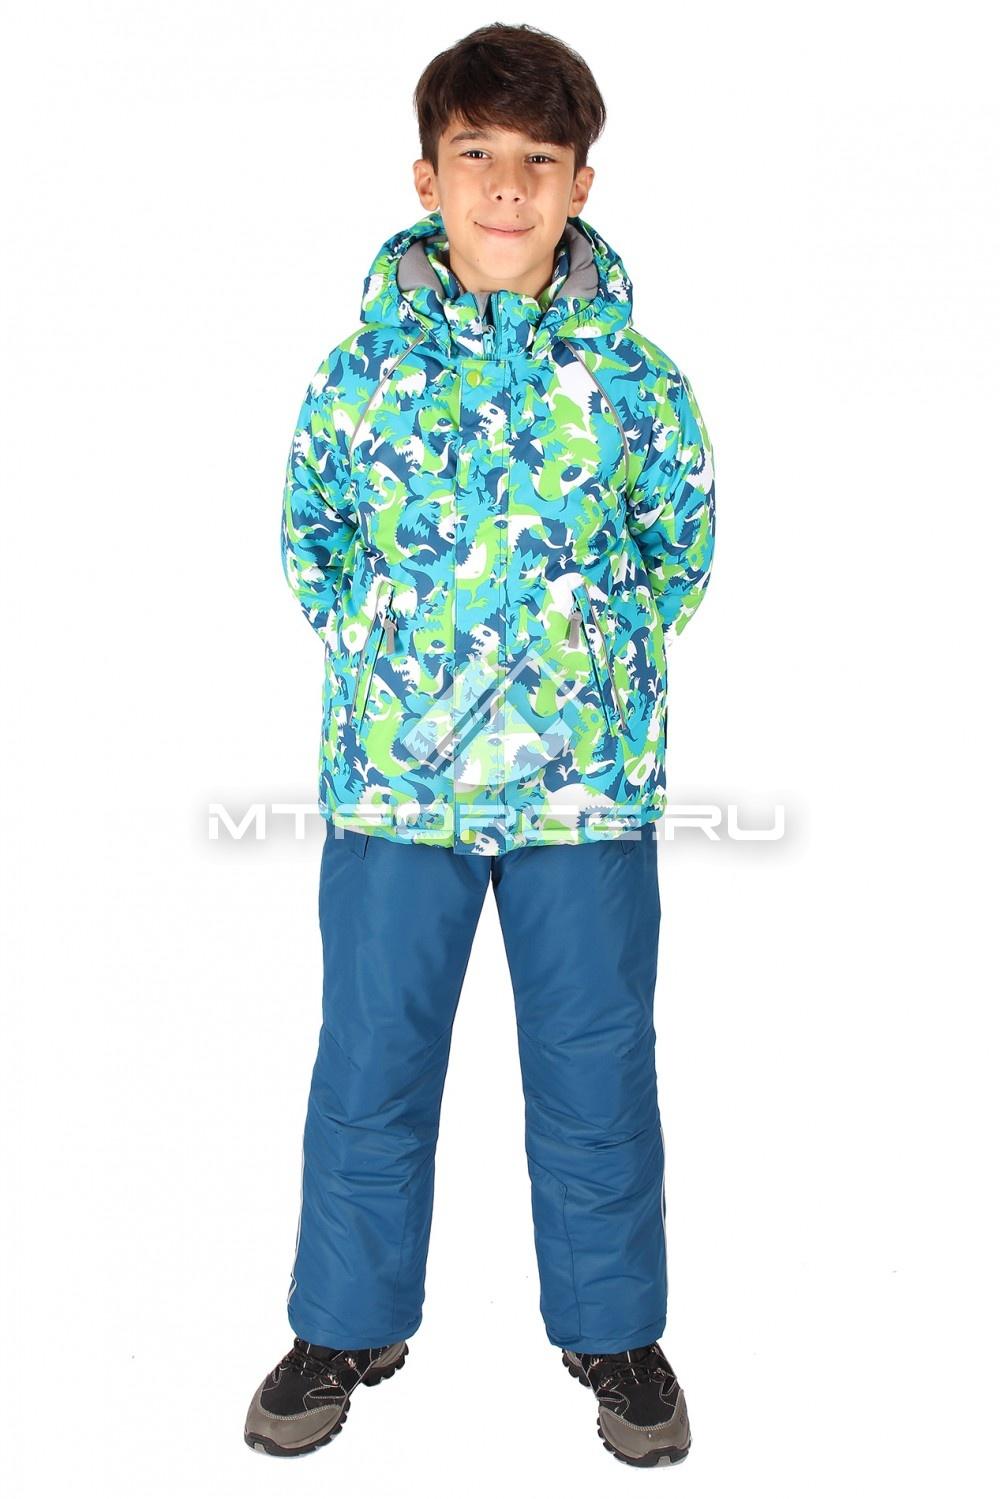 Купить                                  оптом Костюм горнолыжный  для мальчика зеленого цвета 6103Z